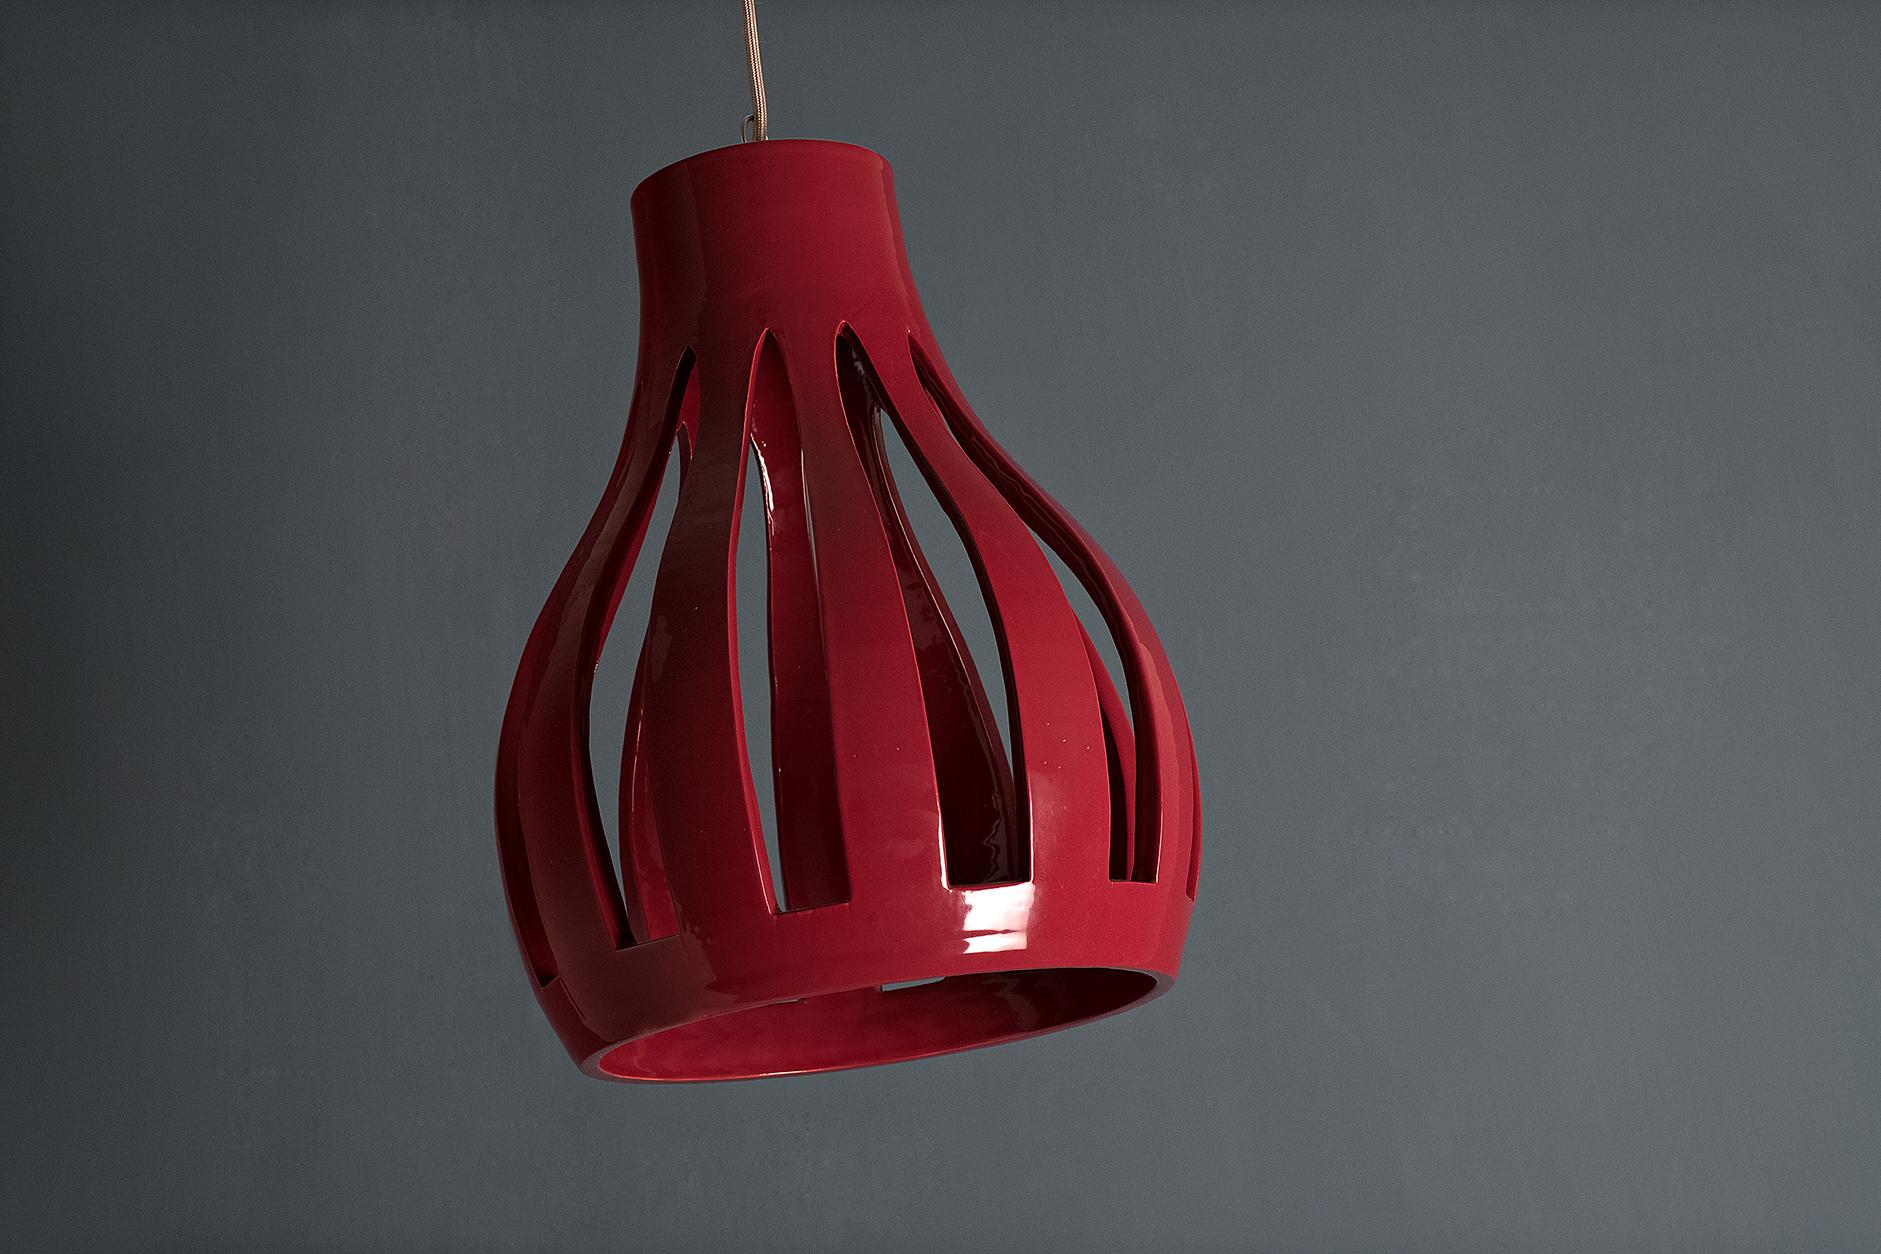 Damijè, lampada a sospensione artigianale ispirata alle damigiane salentine